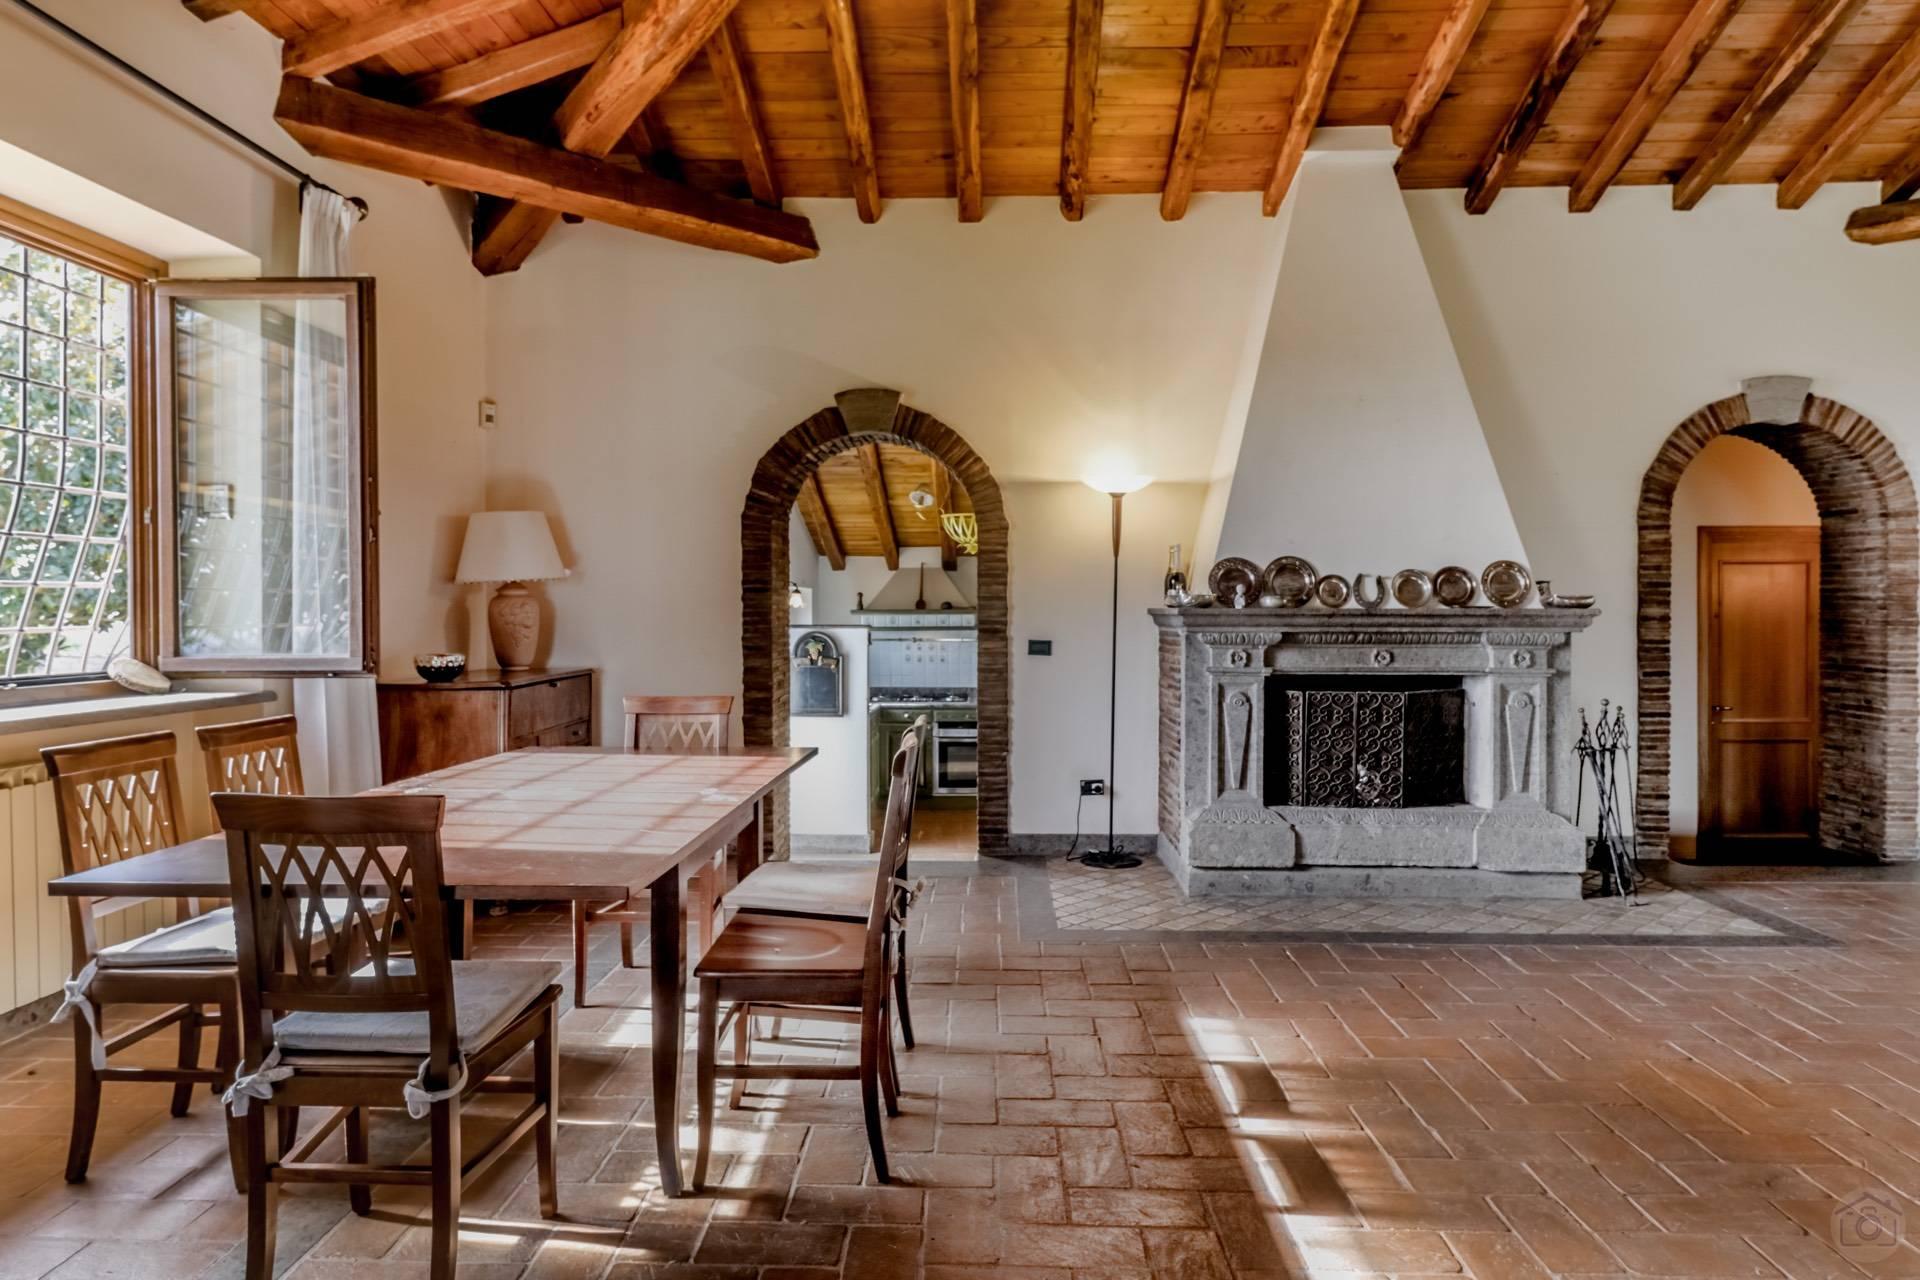 Villa in Vendita a Sacrofano: 5 locali, 180 mq - Foto 5